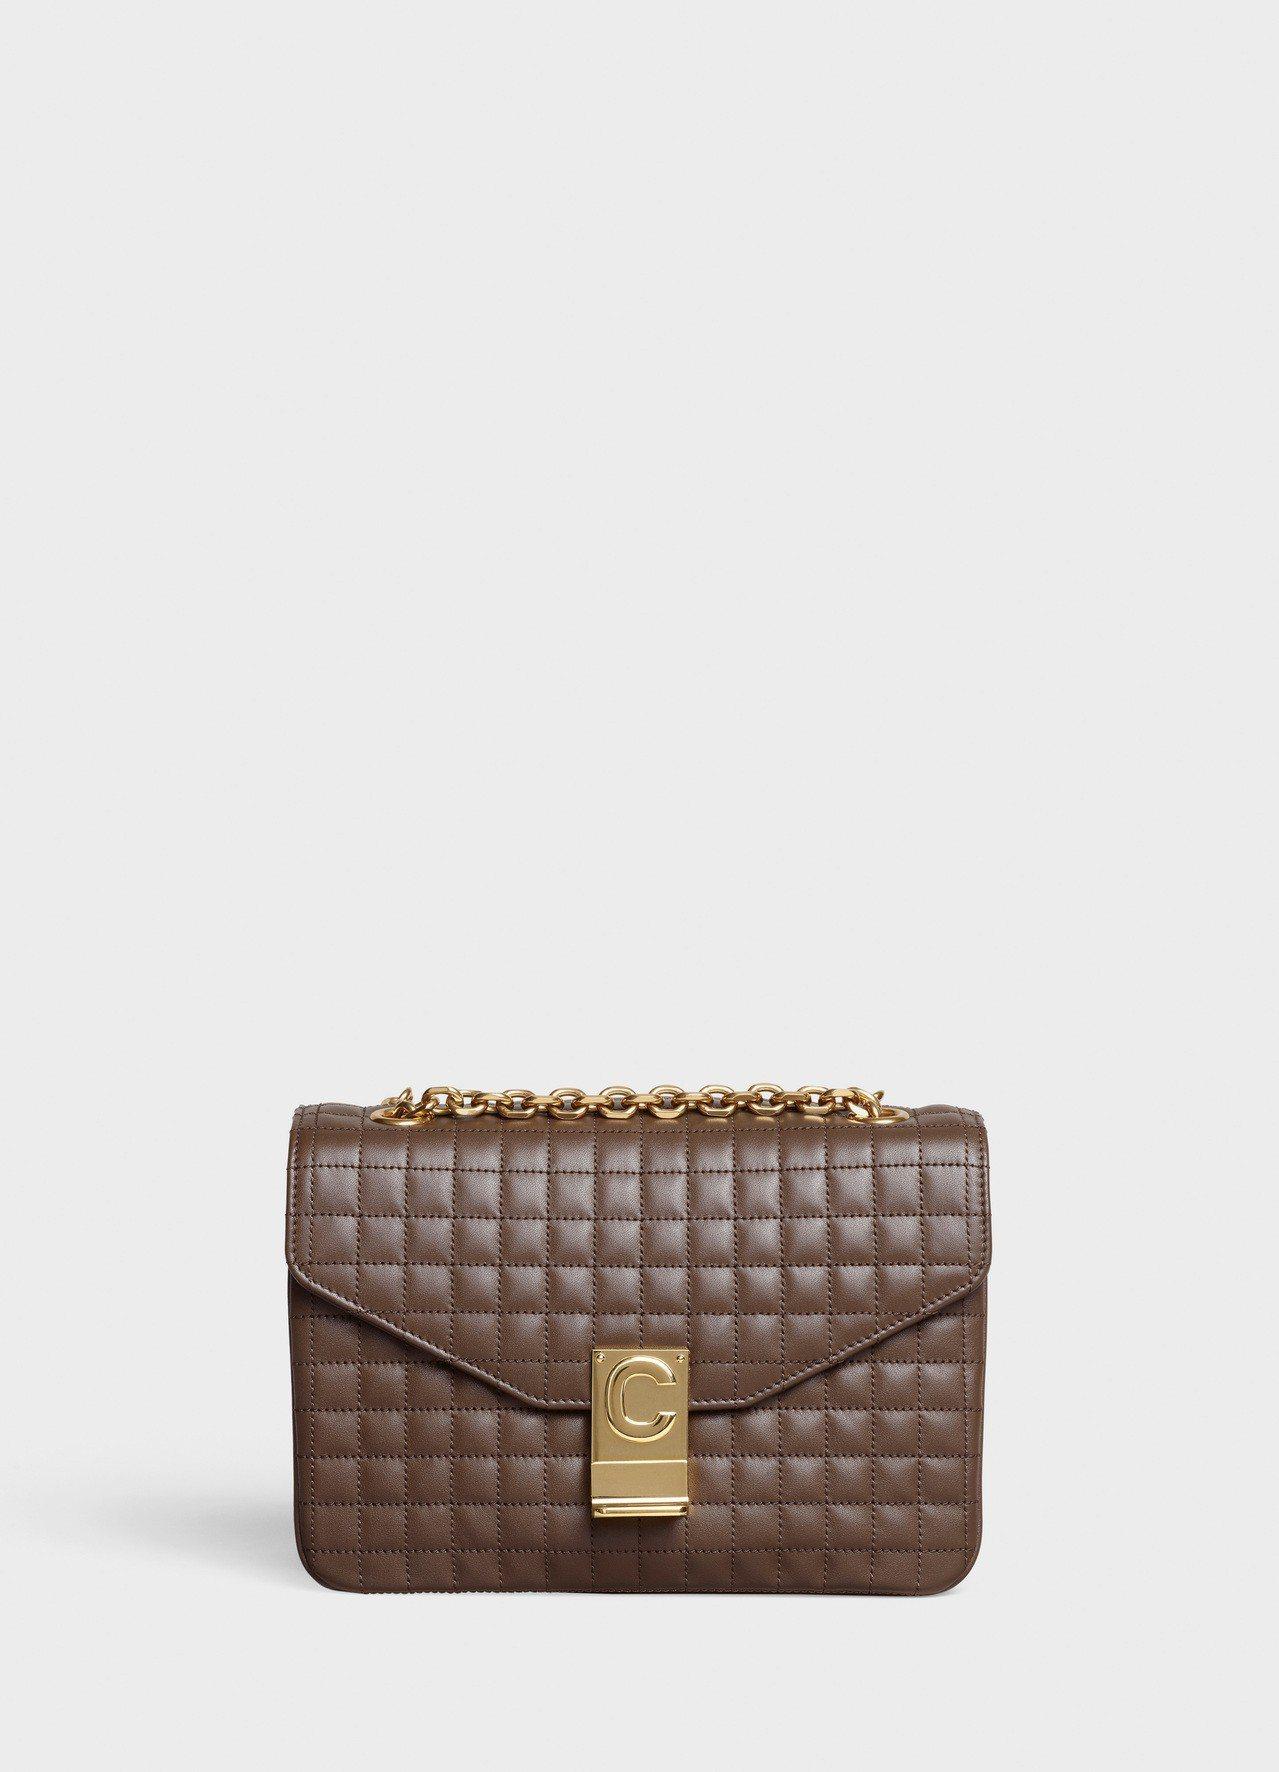 棕色格紋襯芯小牛皮中型鍊帶C Bag,售價99,000元圖/CELINE BY ...